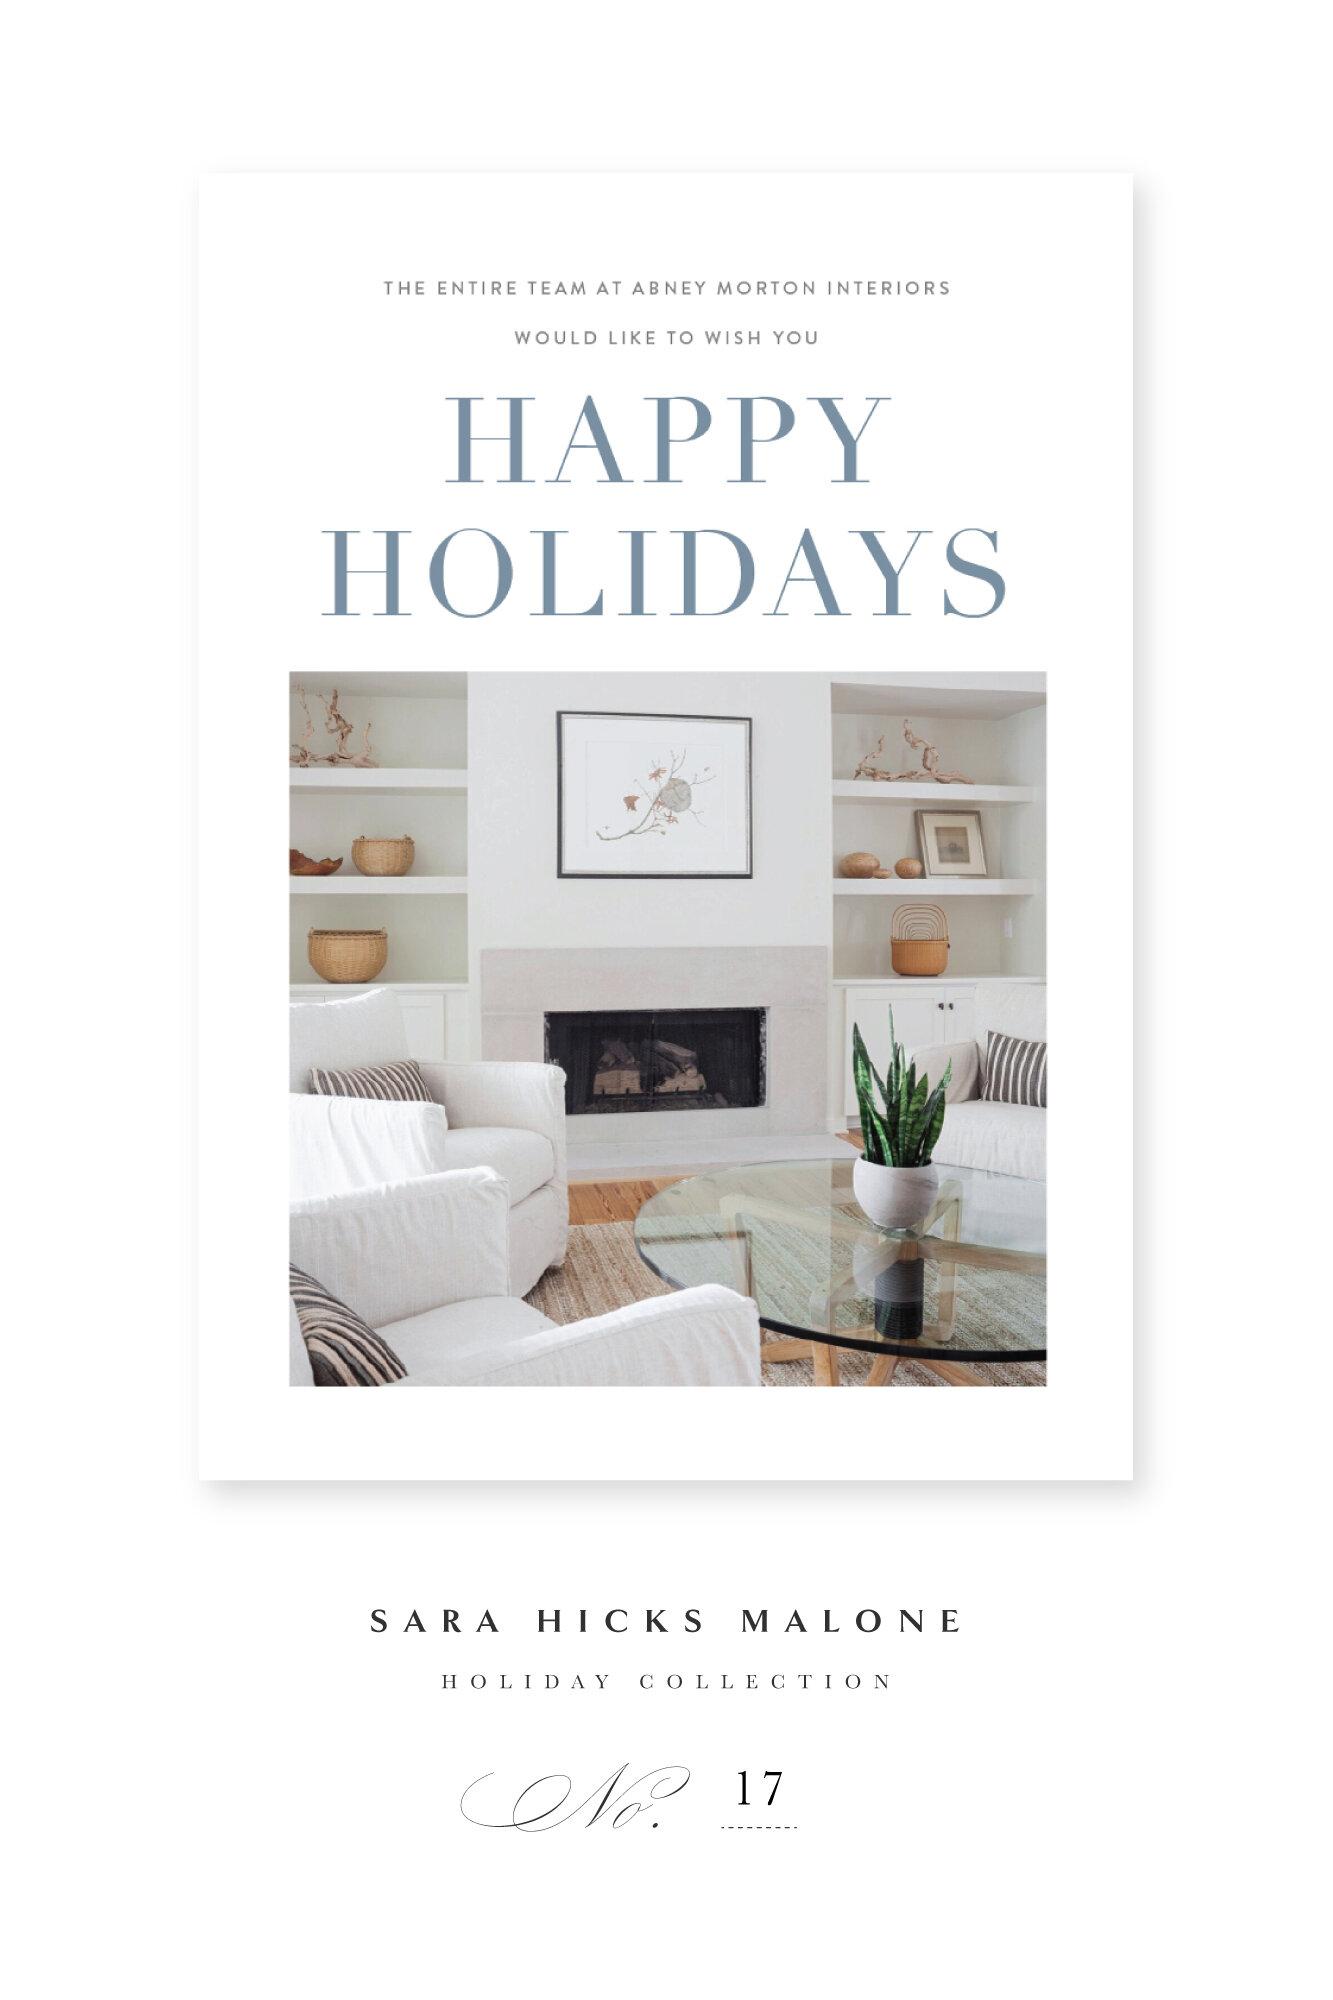 'SIMPLE GREETINGS' by Sara Hicks Malone